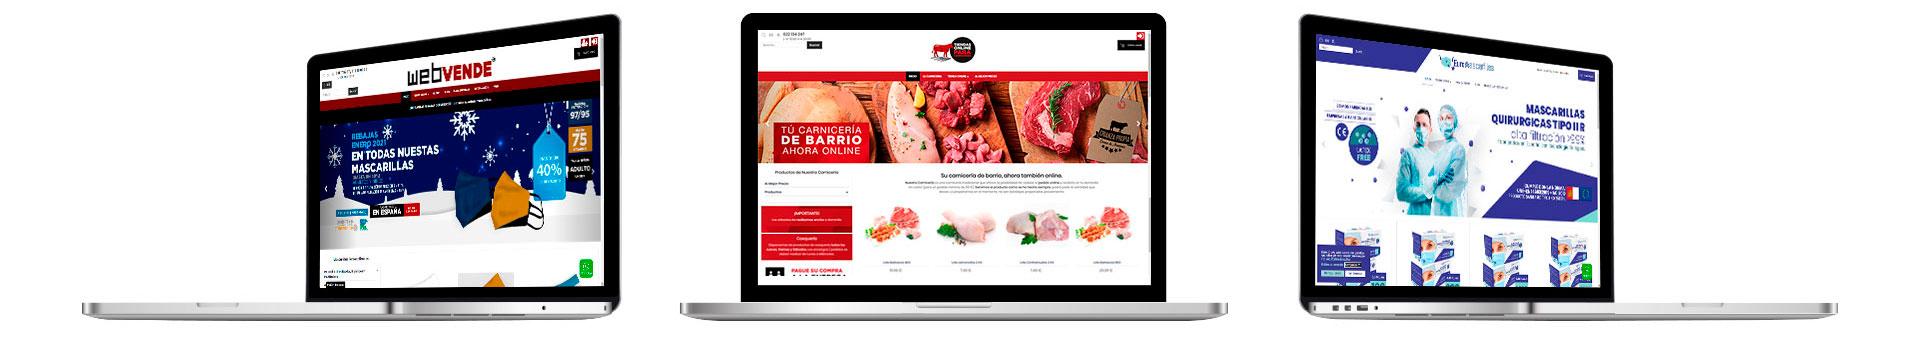 Crea tu tienda online. Creamos la tienda online de tu negocio